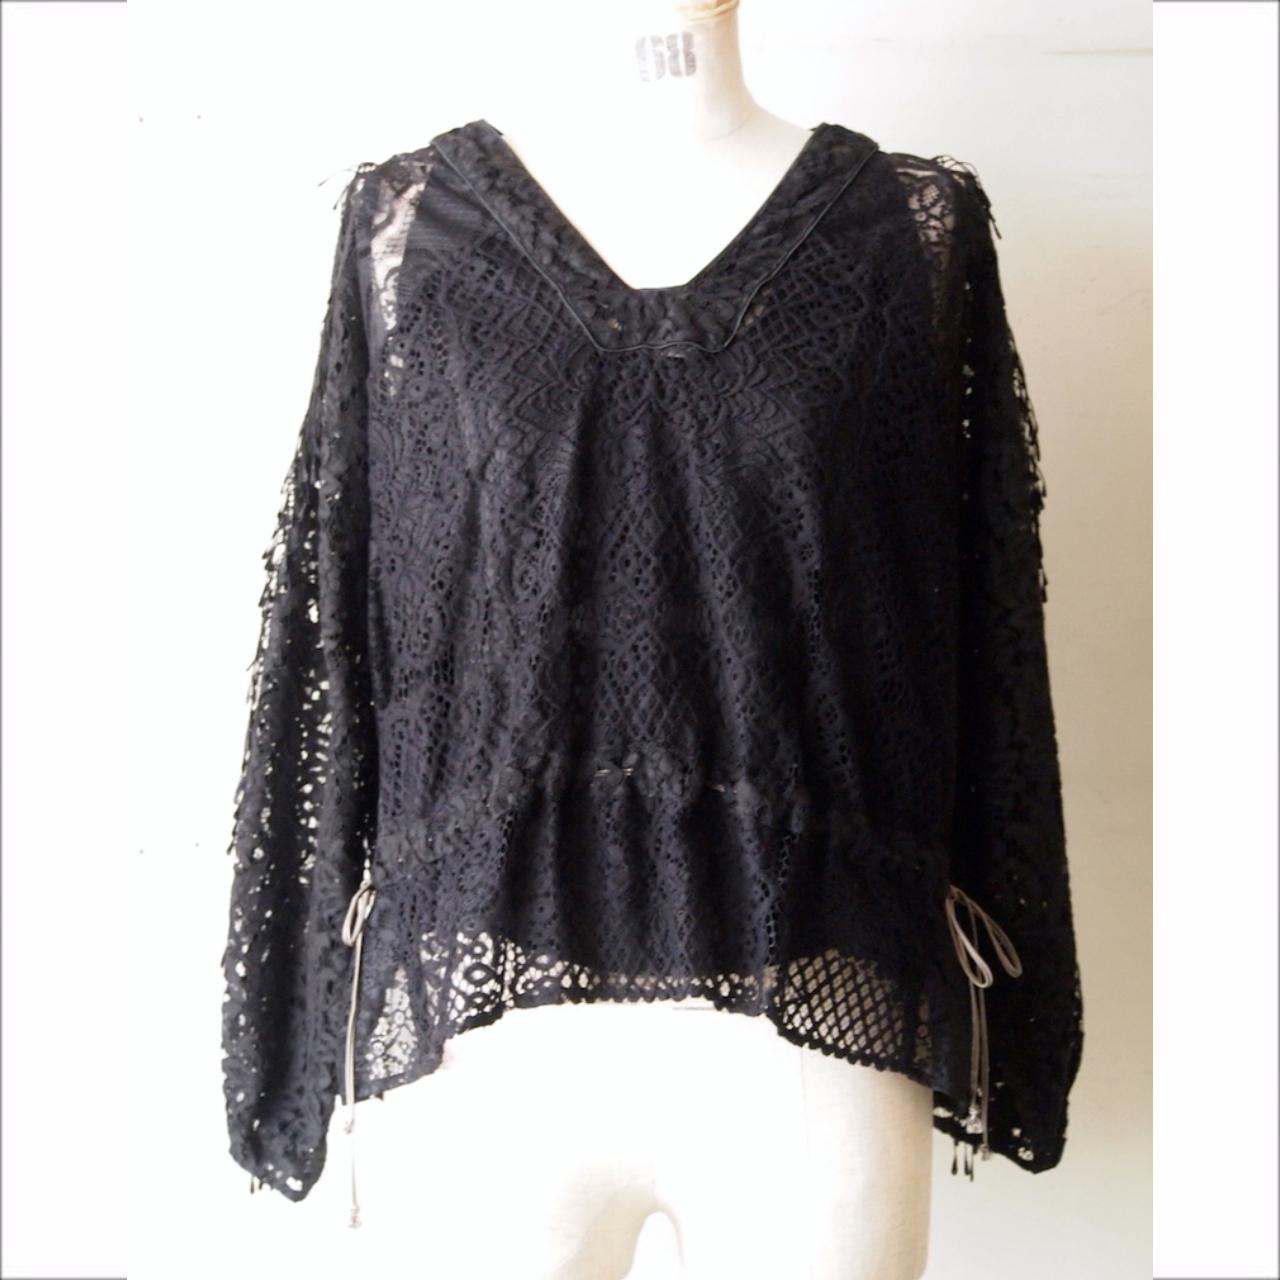 【RehersalL】lace panel blouse / 【リハーズオール】レース パネル ブラウス